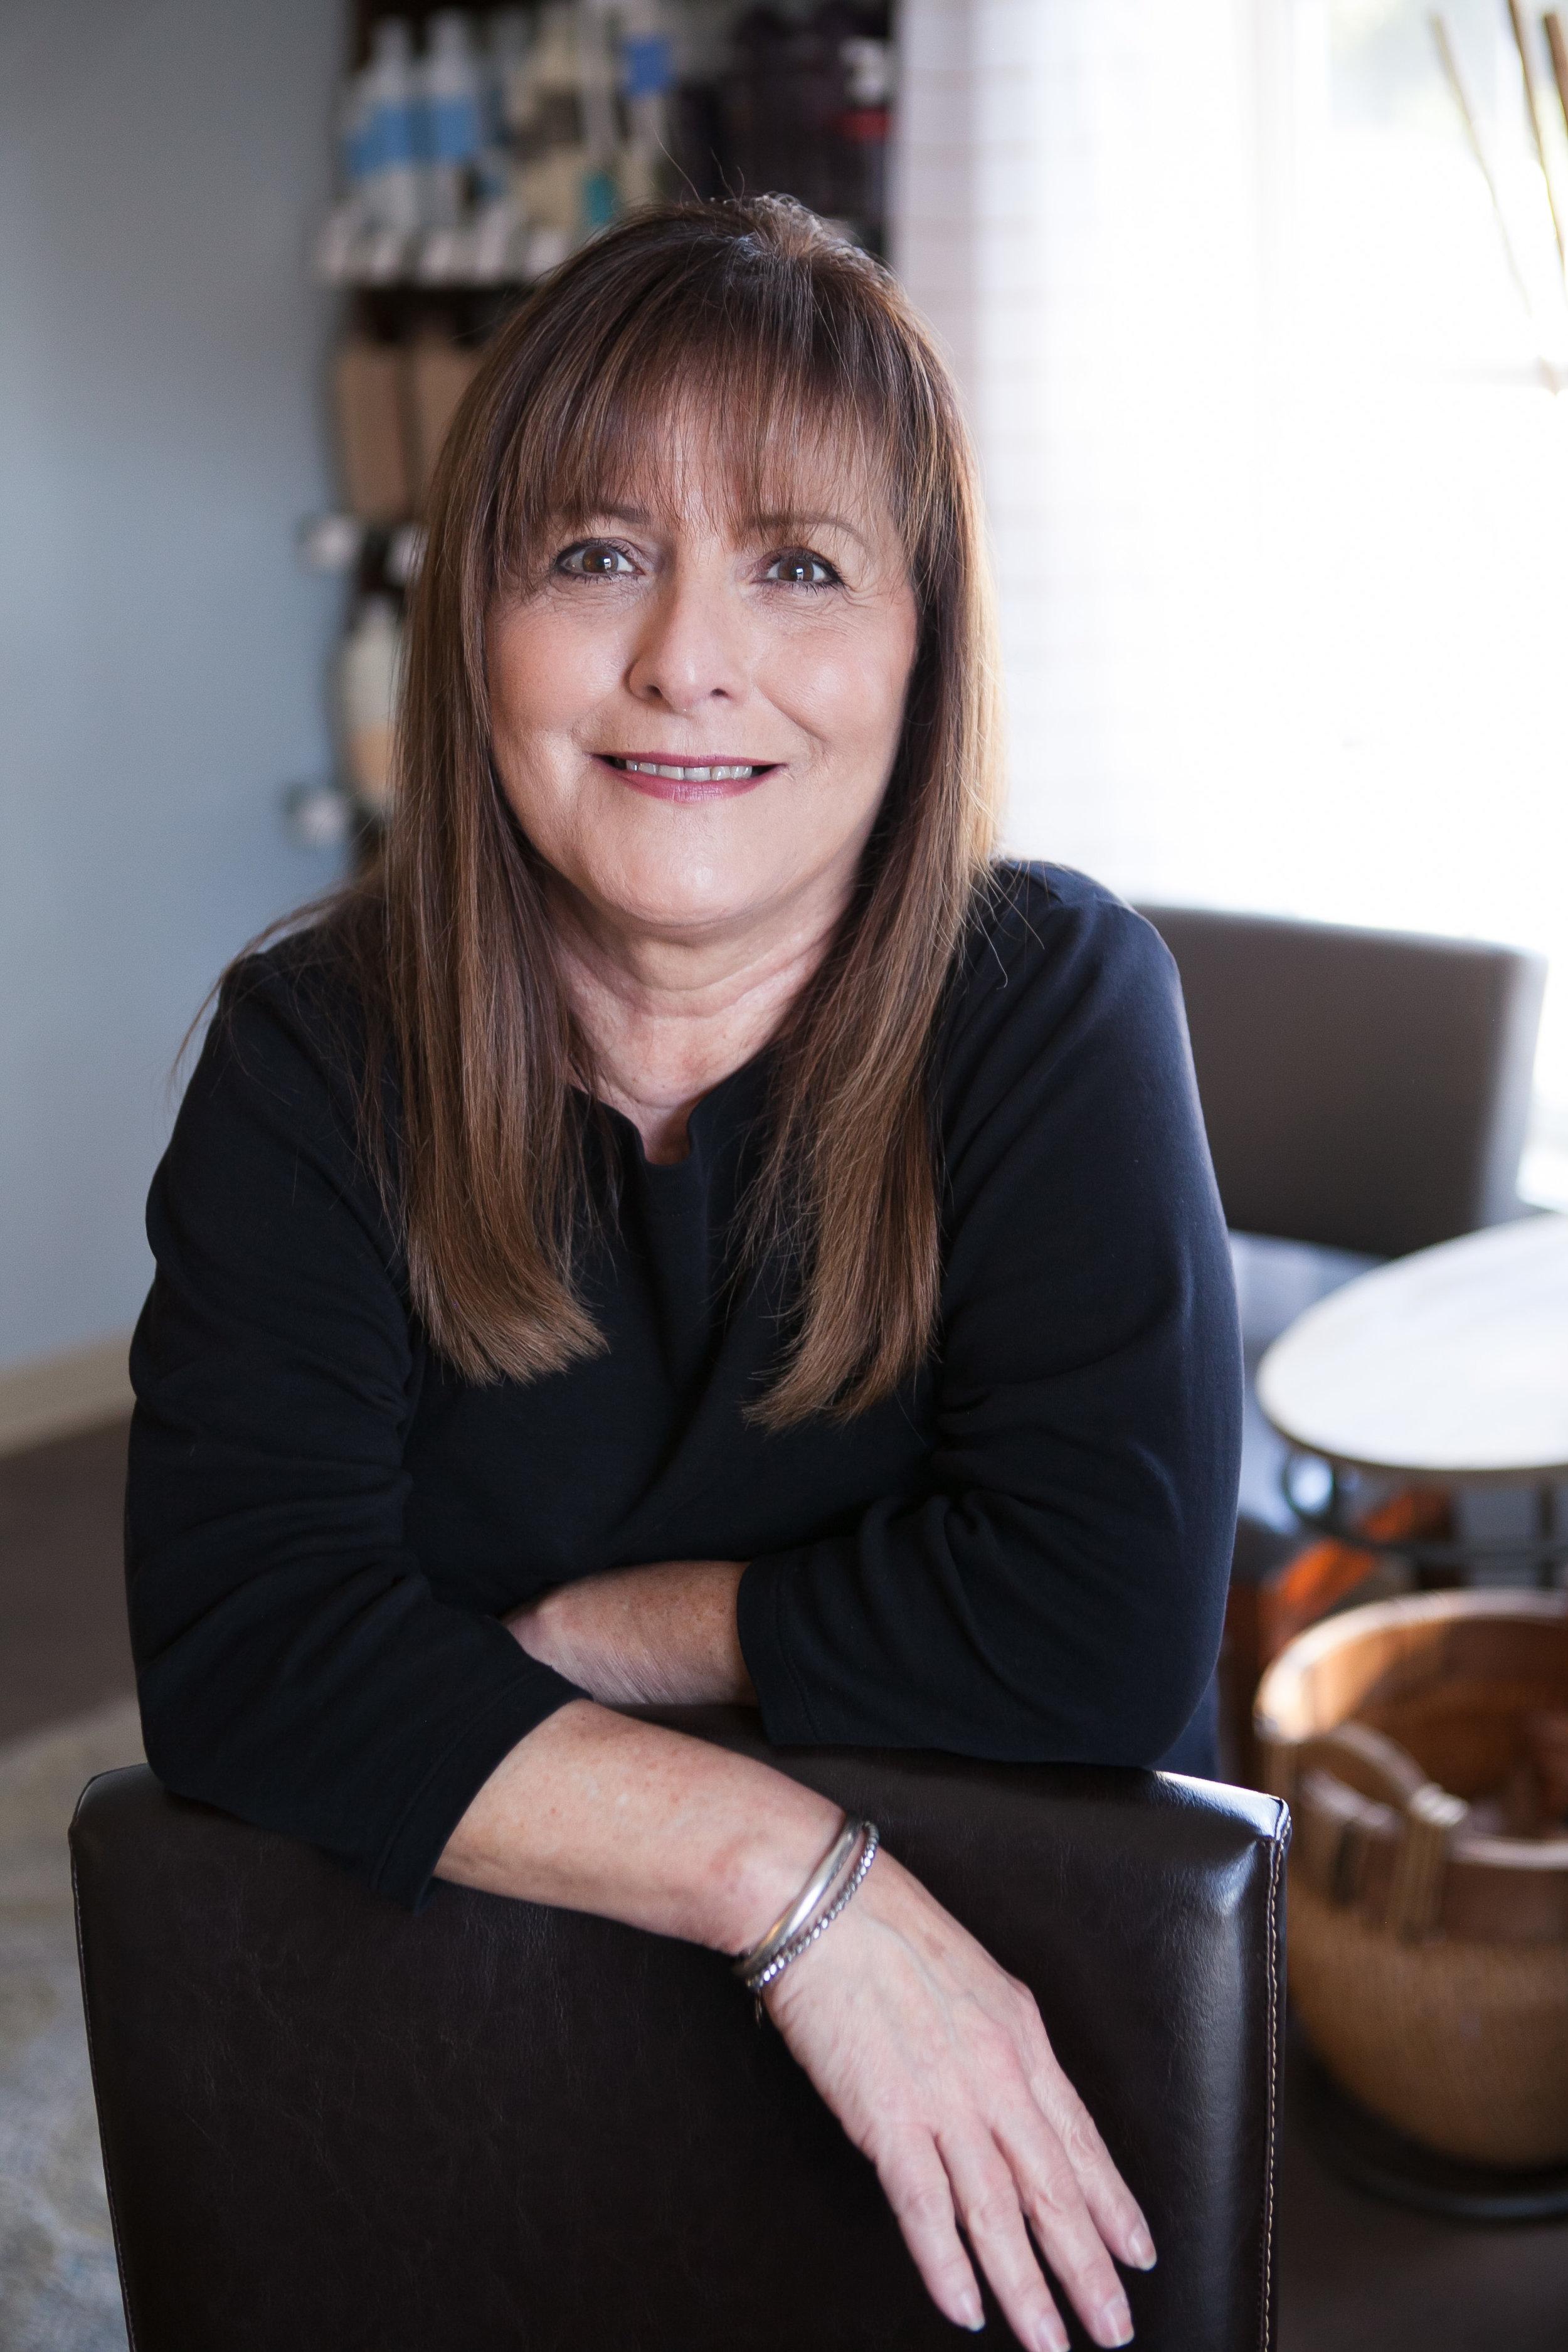 Vicky Davis, Stylist at Piccolo Salon